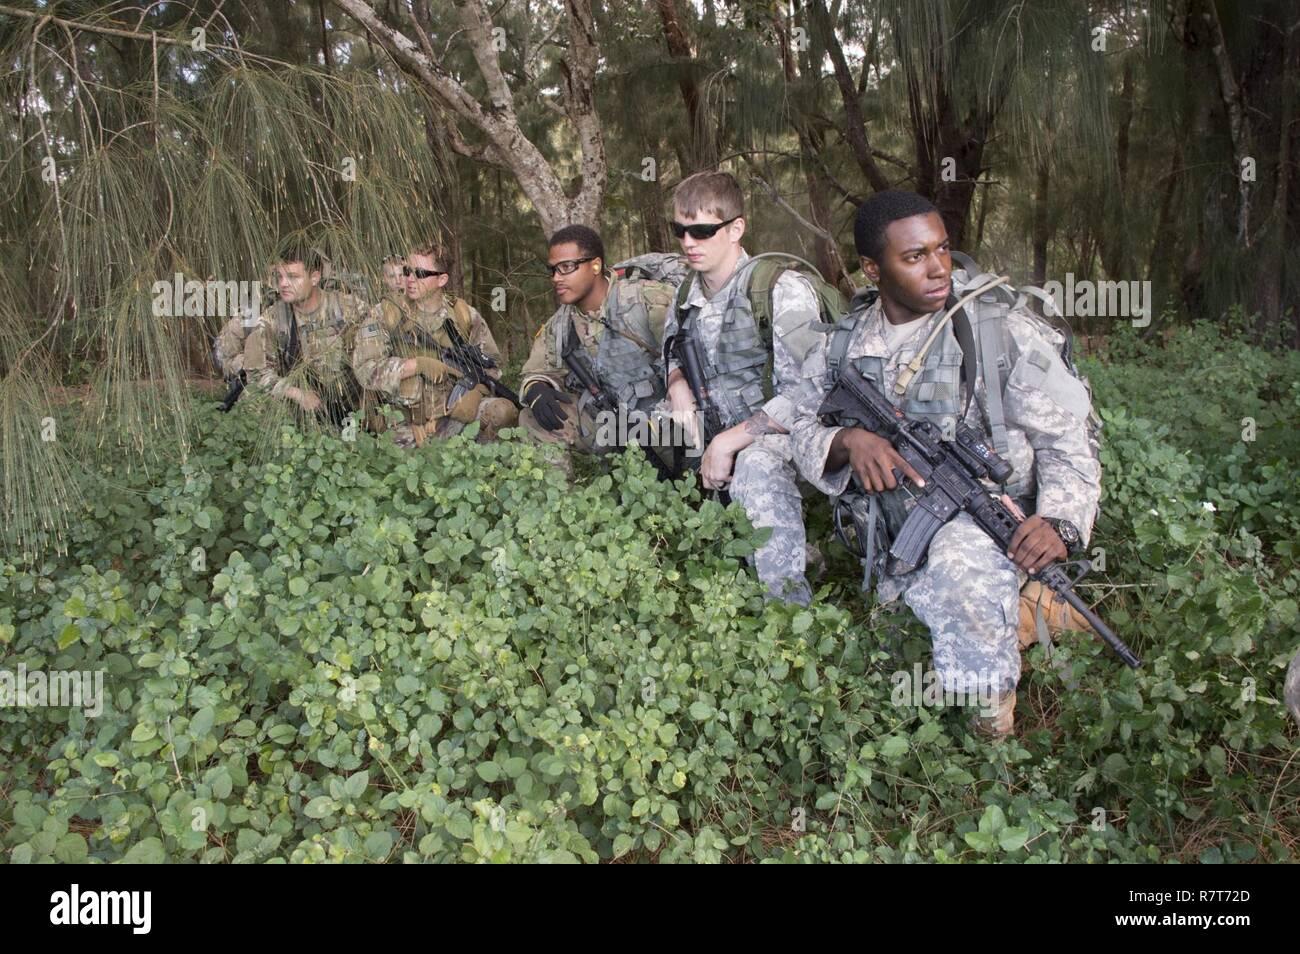 CAMP H.M. SMITH, Hawaii (30 marzo 2017) i soldati assegnati al segnale 112Batt. (Special Operations) (Airborne) - Special Operations Command pacifico, il supporto del segnale DET, attendere di essere prelevato da un elicottero durante Hammerhead la formazione sul campo di esercizio/formazione situazionale esercizio 17-2, 30 marzo 2017. FTX Hammerhead è un evento semestrale per sviluppare e rafforzare le fondamentali rifleman compiti inerenti ad ogni soldato indipendentemente dal militare specialità professionali. Foto Stock